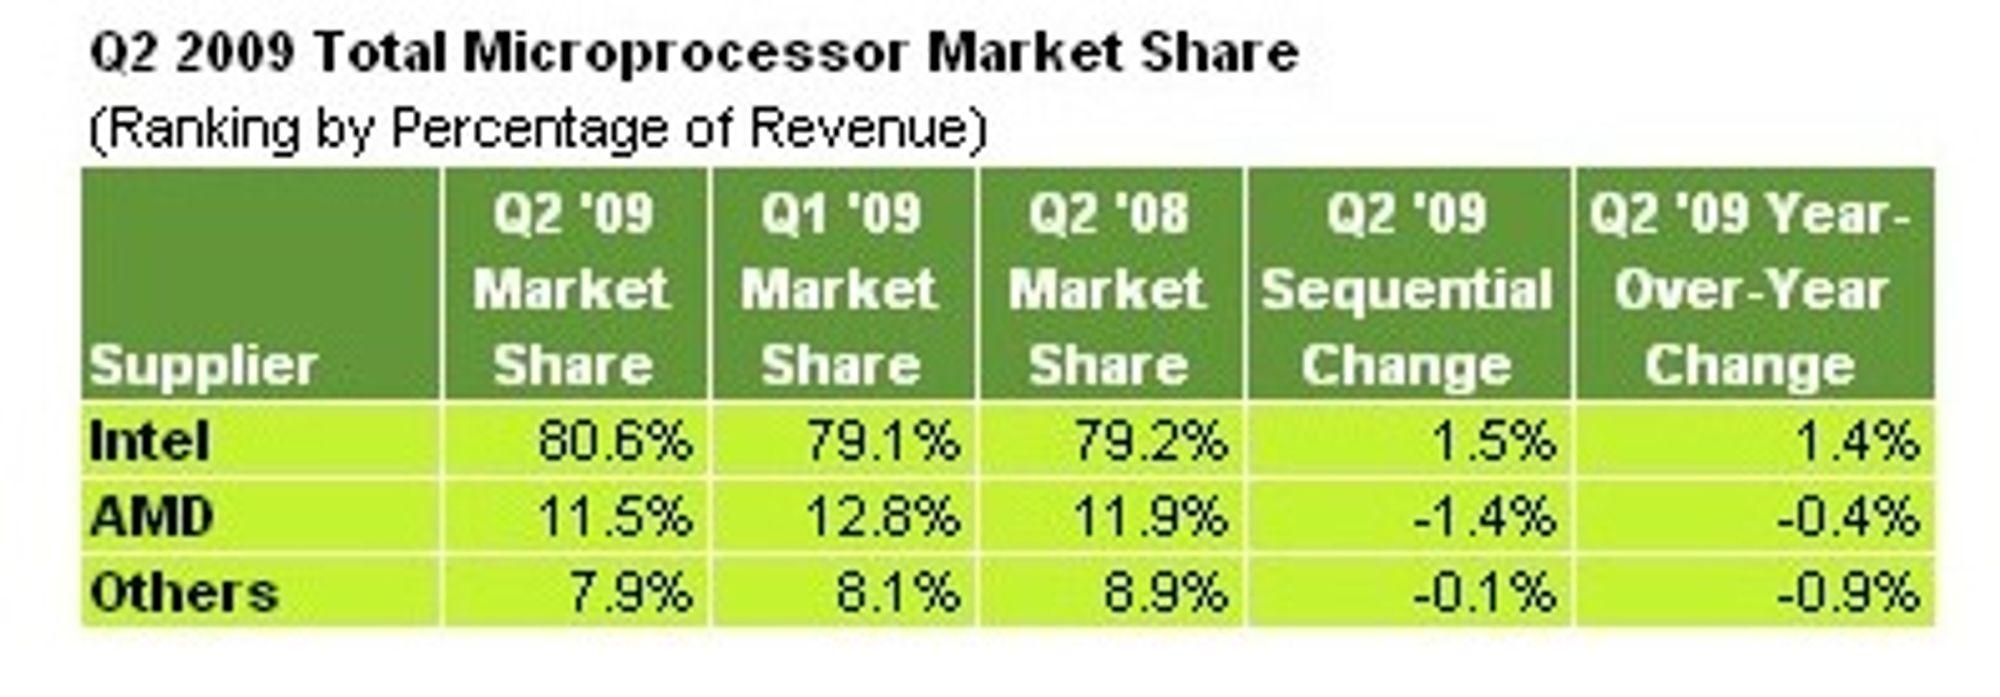 Markedsandel i CPU-markedet i andre kvartal 2009, basert på omsetningstall. Tallene er levert av iSuppli.